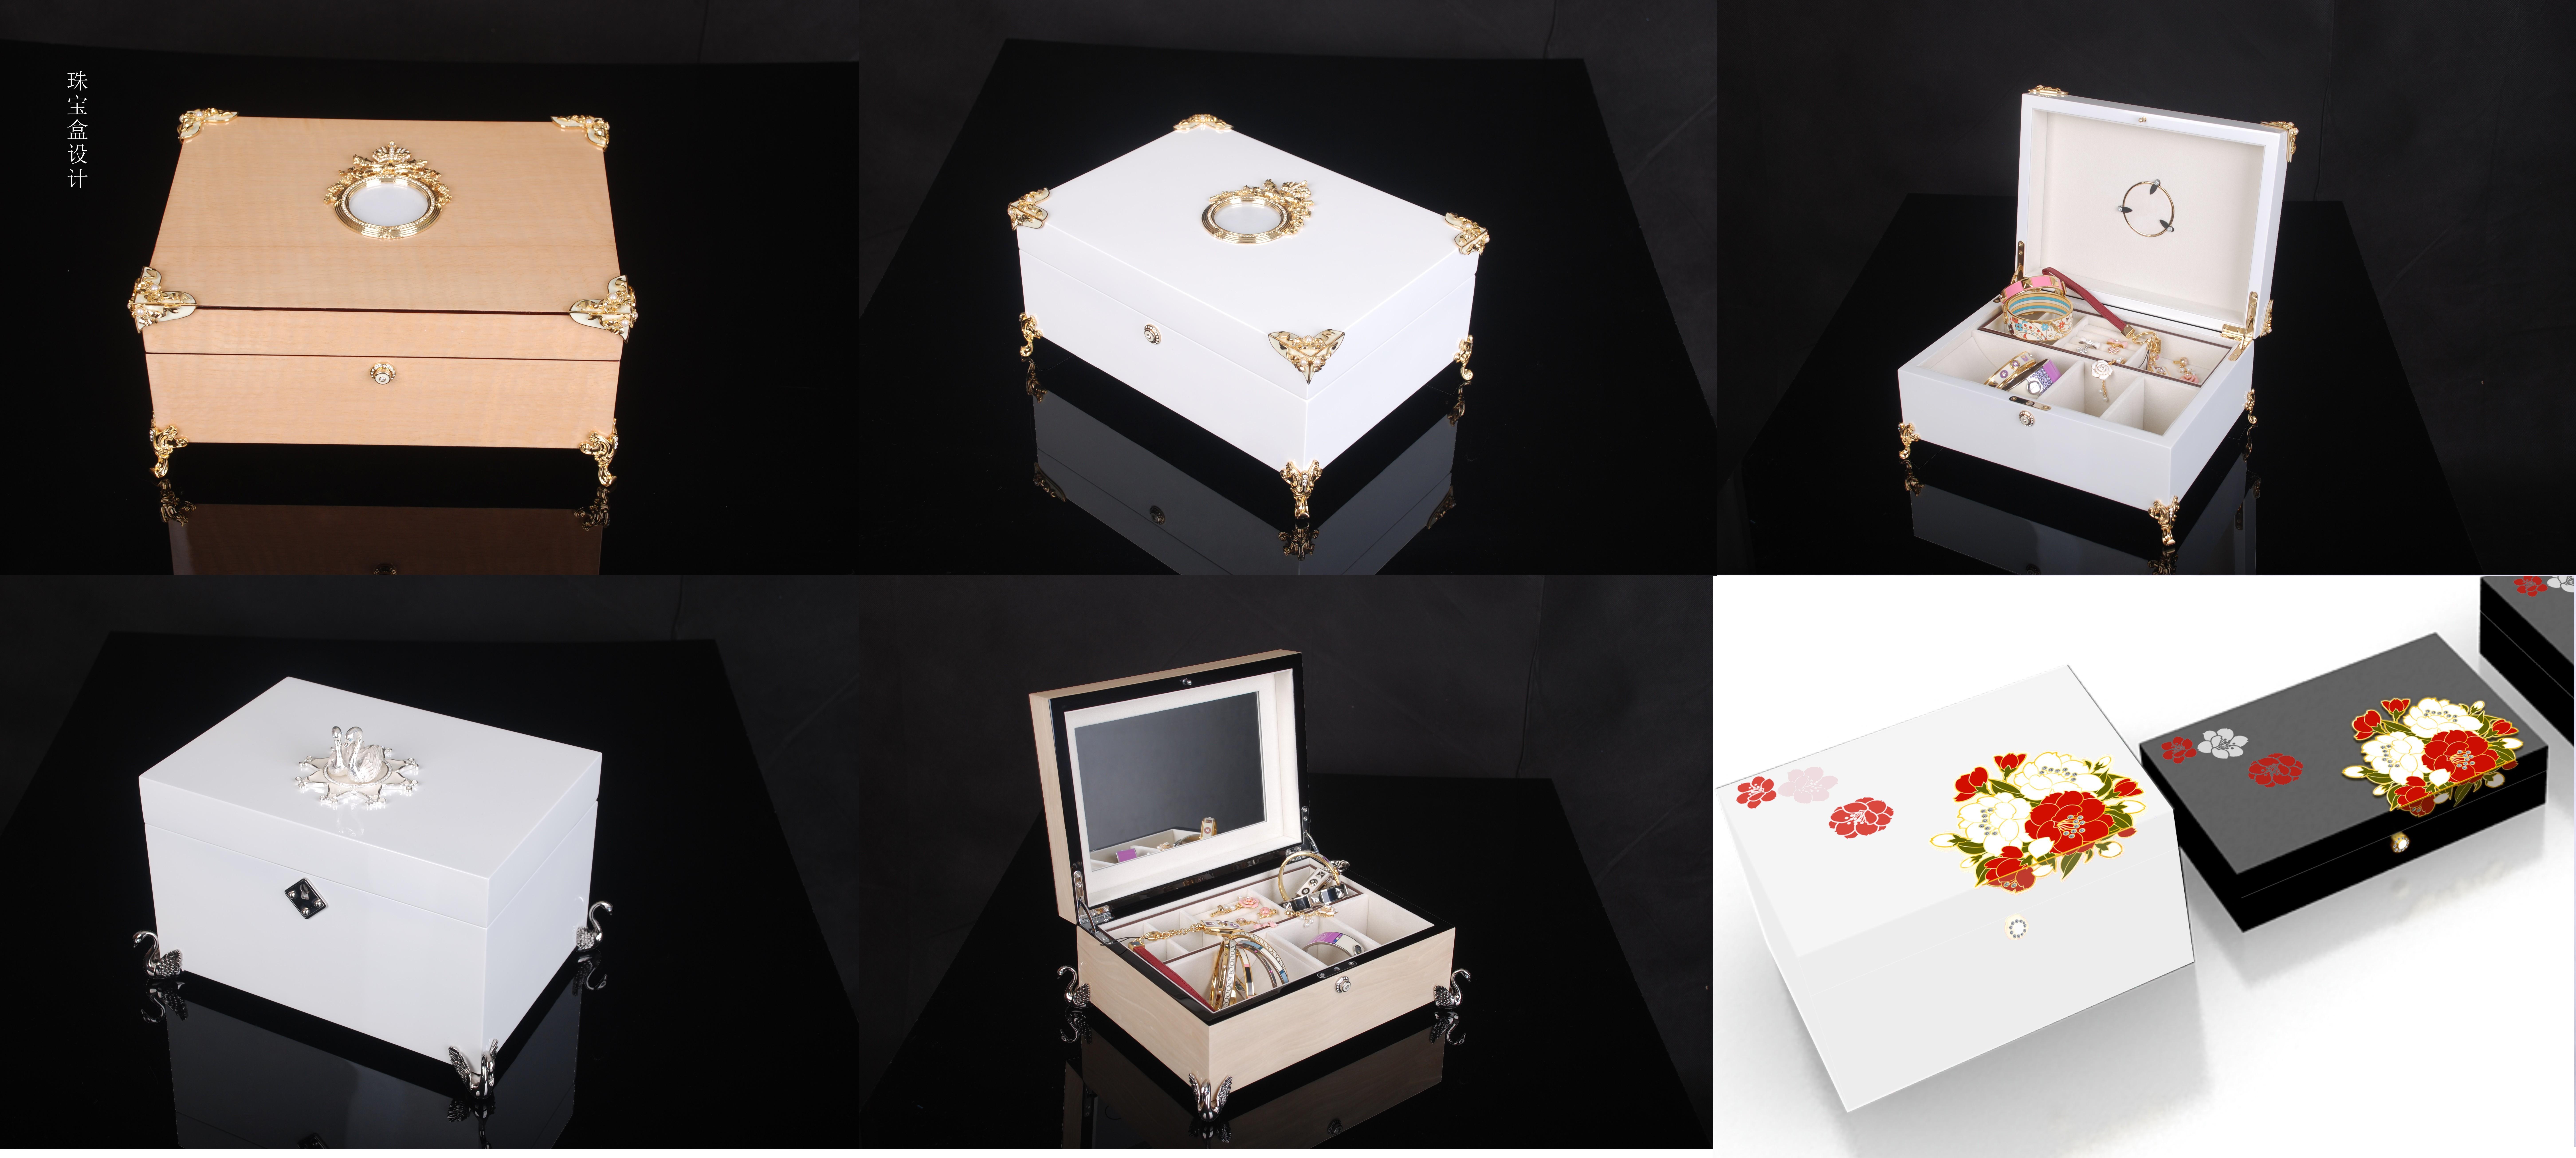 包装 包装设计 购物纸袋 纸袋 11616_5223图片